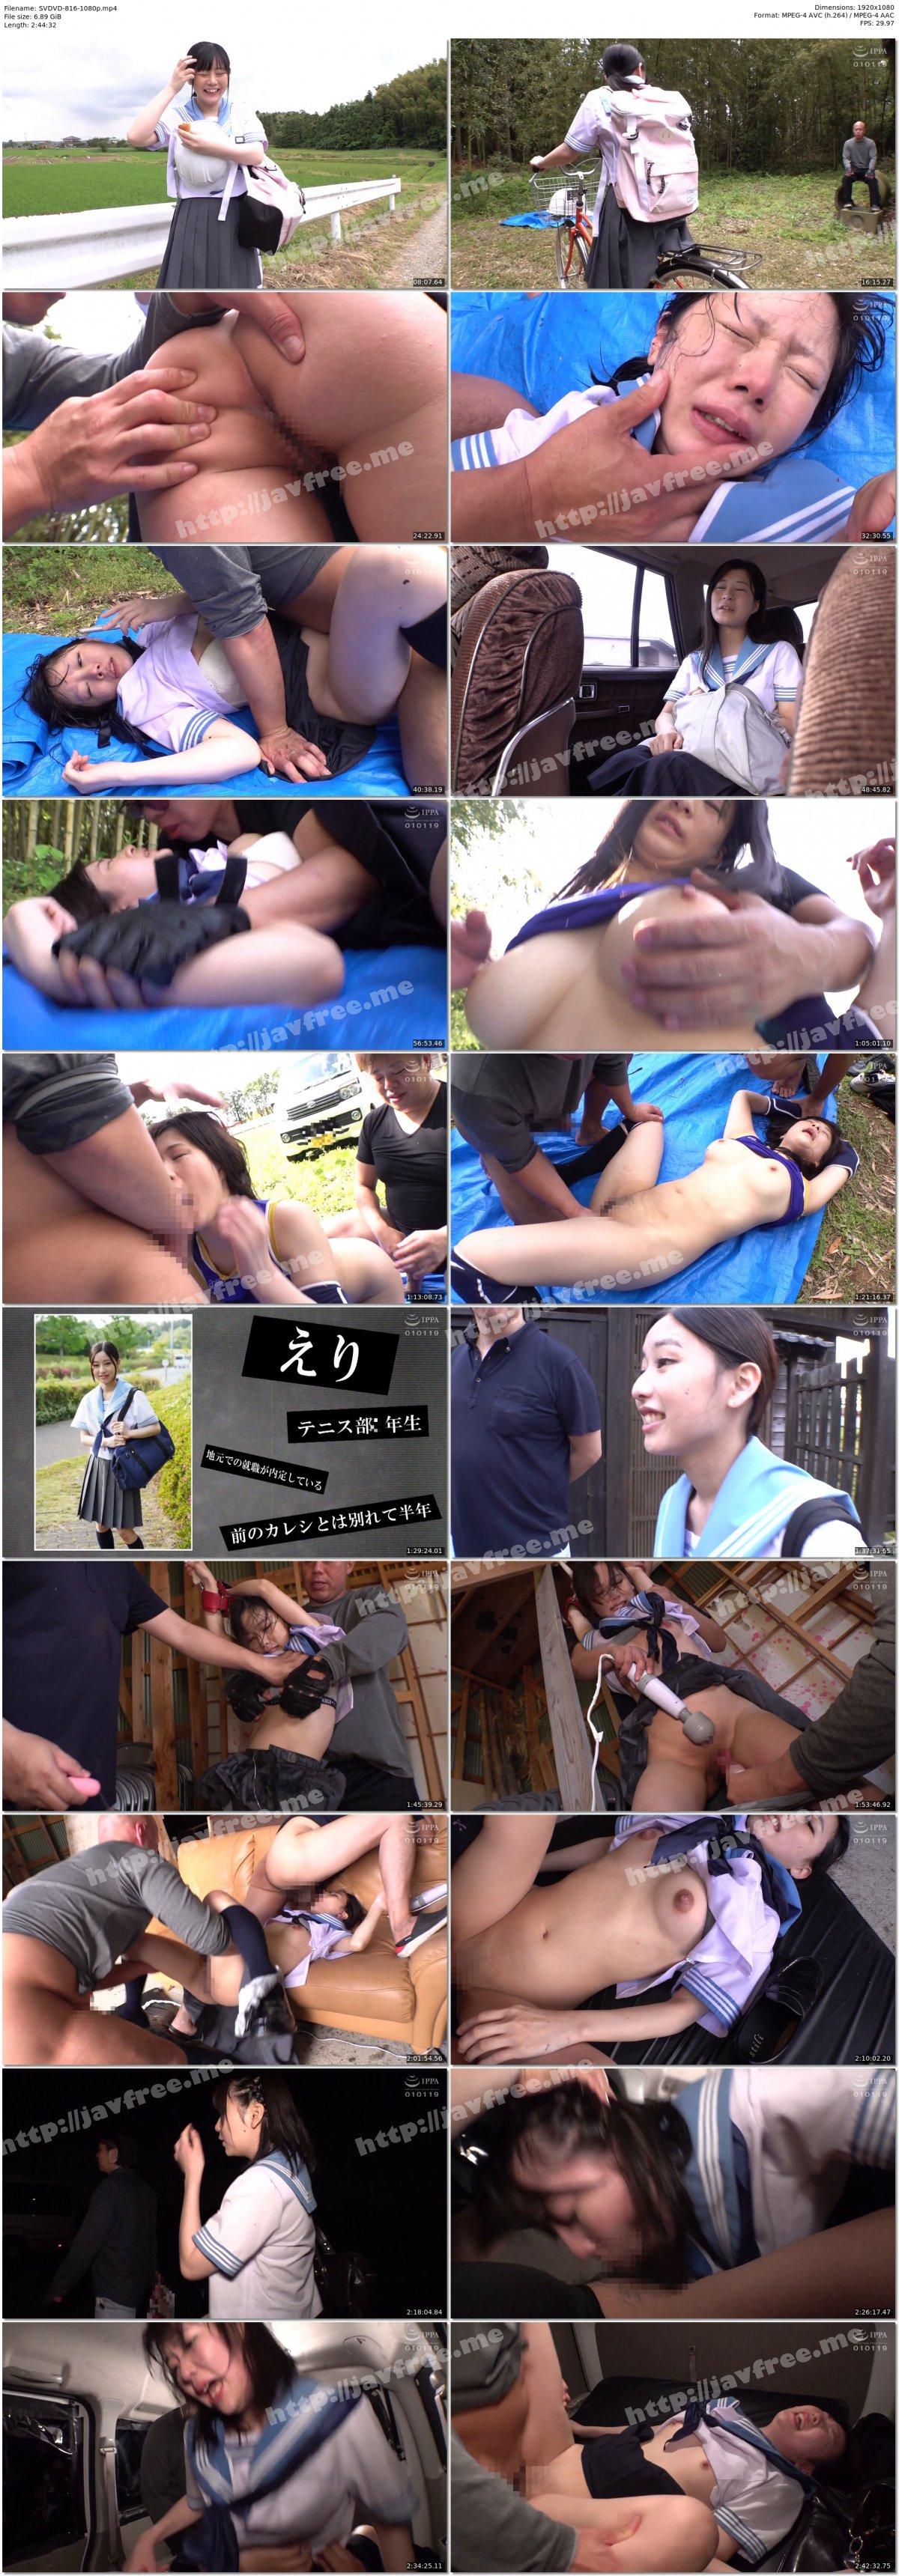 [HD][SVDVD-816] 新田舎のお嬢様学校の女子○生をさらってレ●プ、射精直前に「お前より可愛い娘を今すぐ電話で呼ばないと中出しするぞ」と脅して友達を連れてこさせてその娘もレ●プ、そして結局全員にナマ中出し!6 - image SVDVD-816-1080p on https://javfree.me